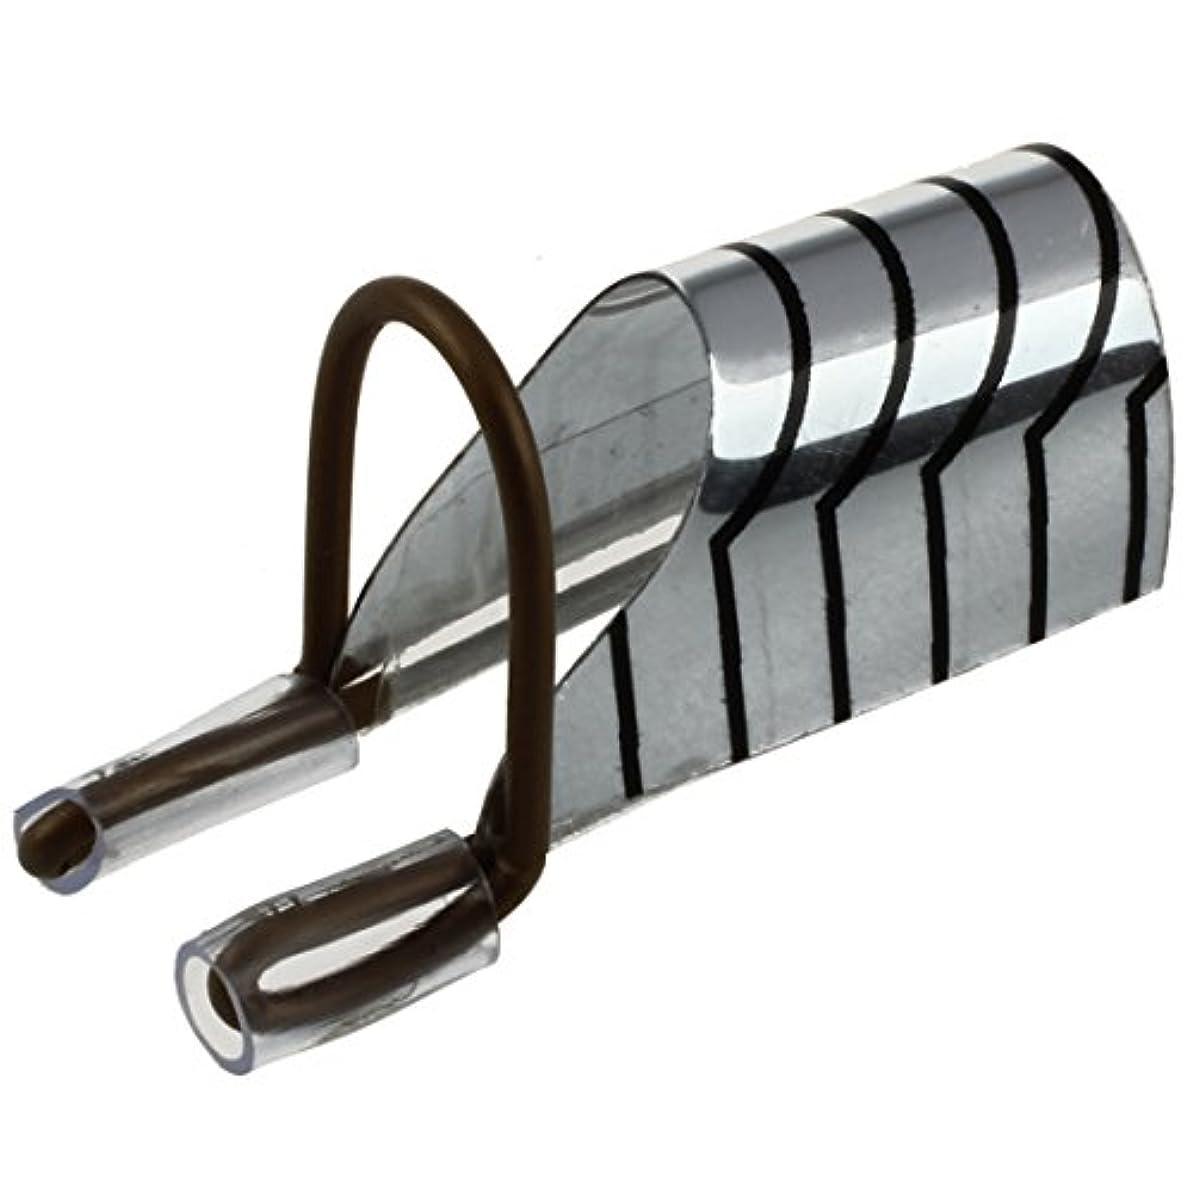 返還マニアよりNrpfell Nrpfell(R) 5個再利用可能なネイルアートフォームのUVジェルフレンチアクリルヒントプロテクターツール銀箔W/ ボックス